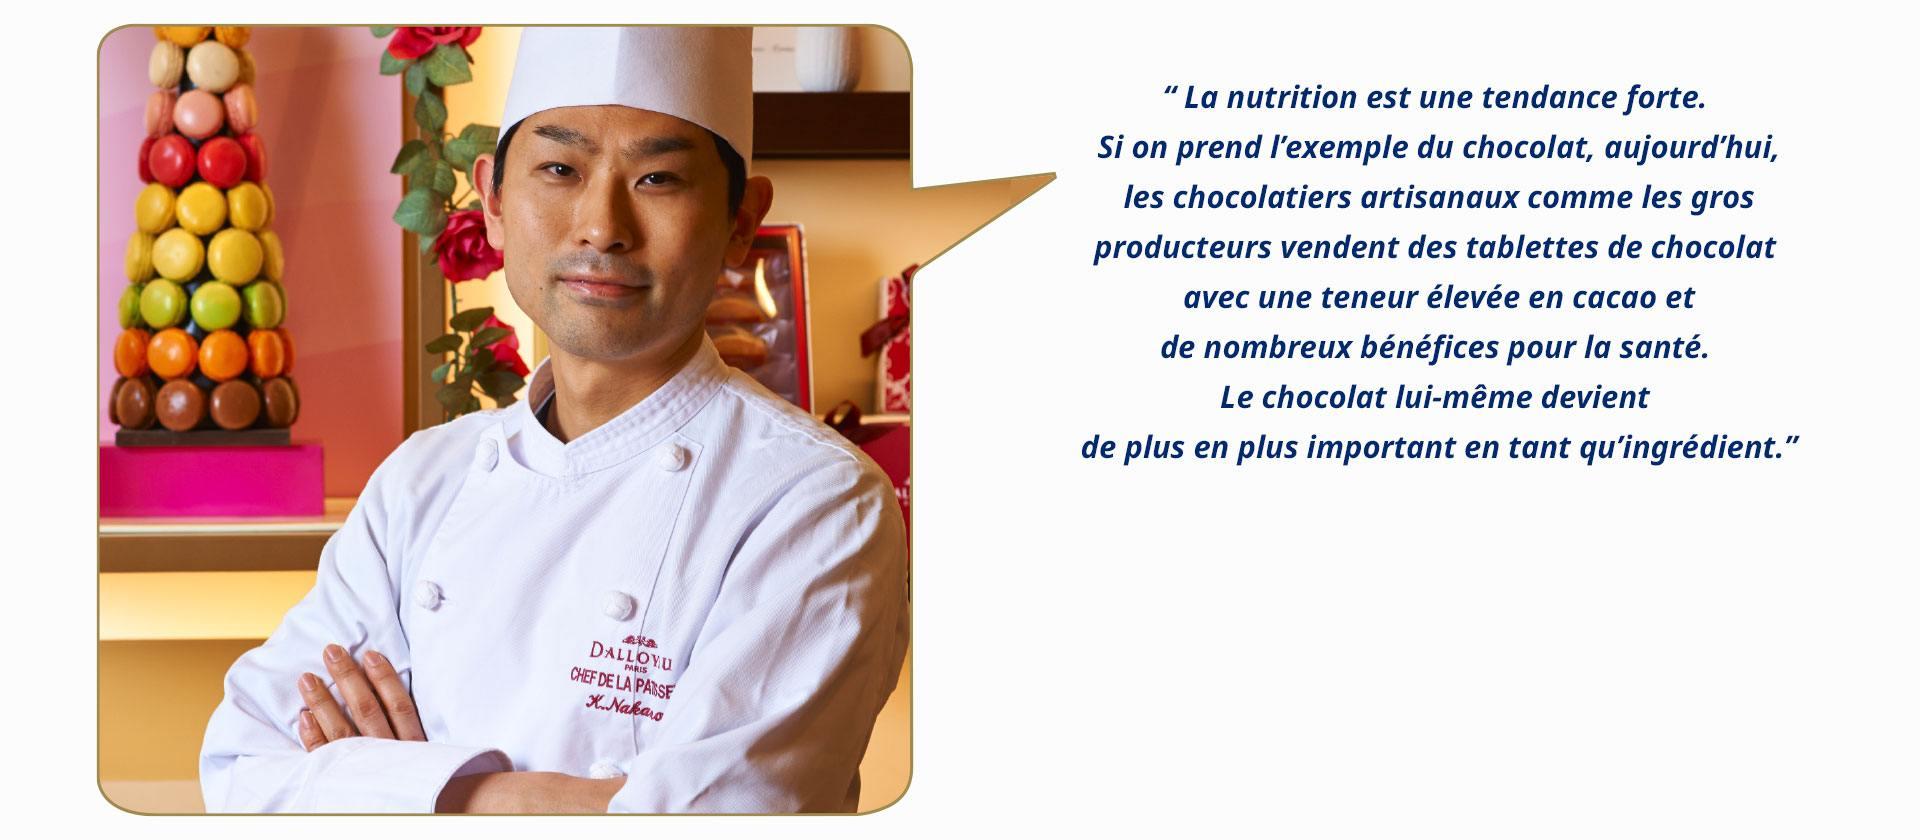 Panorama des tendances culinaires 2017 - Kenta Nakano (Japon), Chef Pâtissier et Responsable du Développement Produit chez Dalloyau